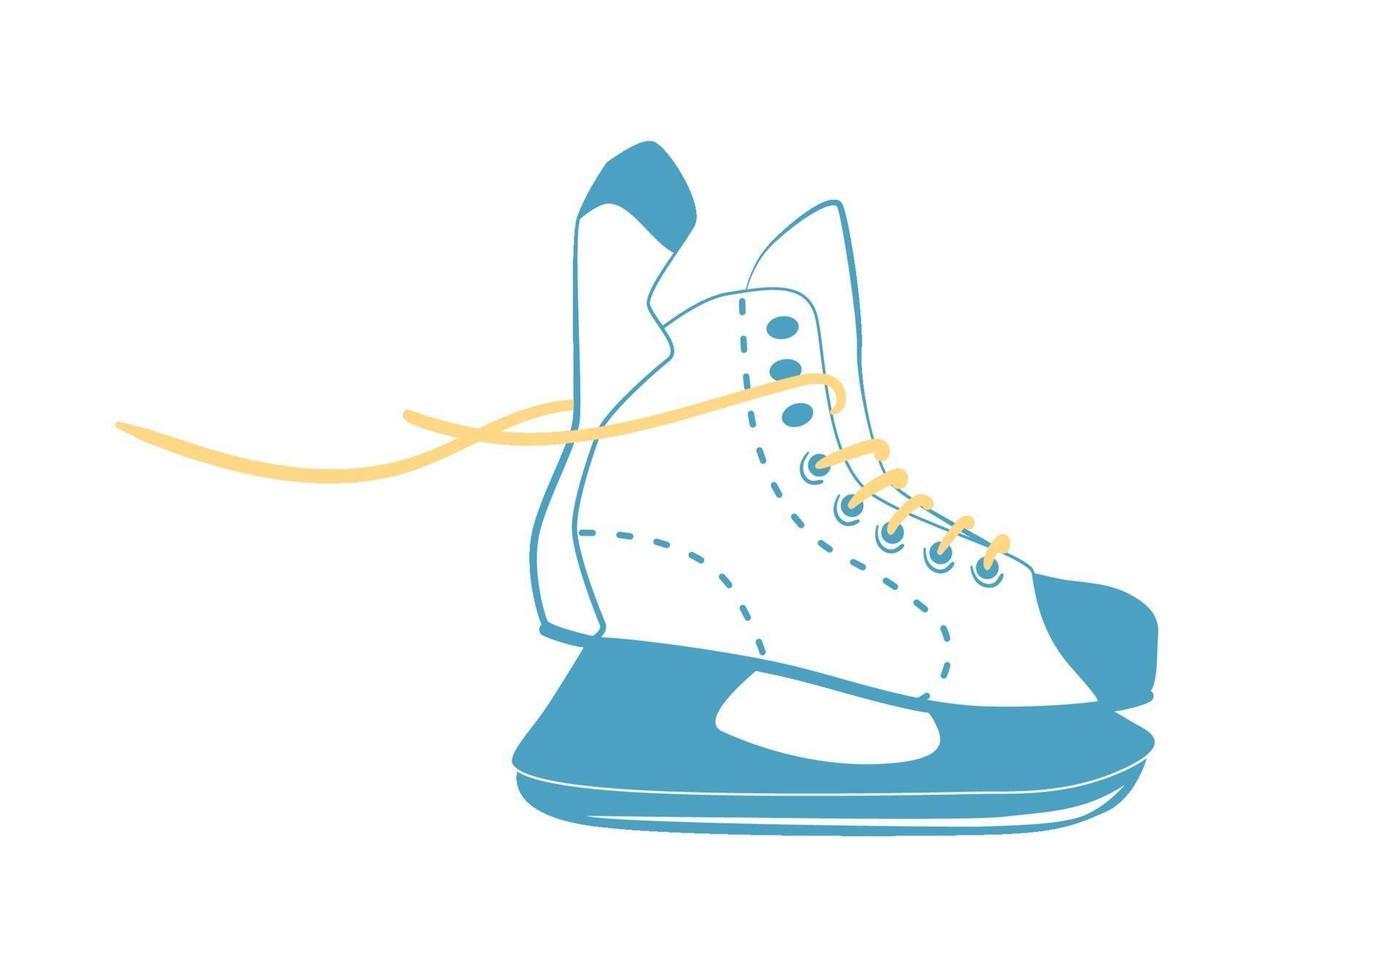 ijsschaatsen voor hockey met heldere veters in lijnstijl. logo voor sportuitrusting. zijaanzicht. vectorillustratie geïsoleerd op een witte achtergrond. vector